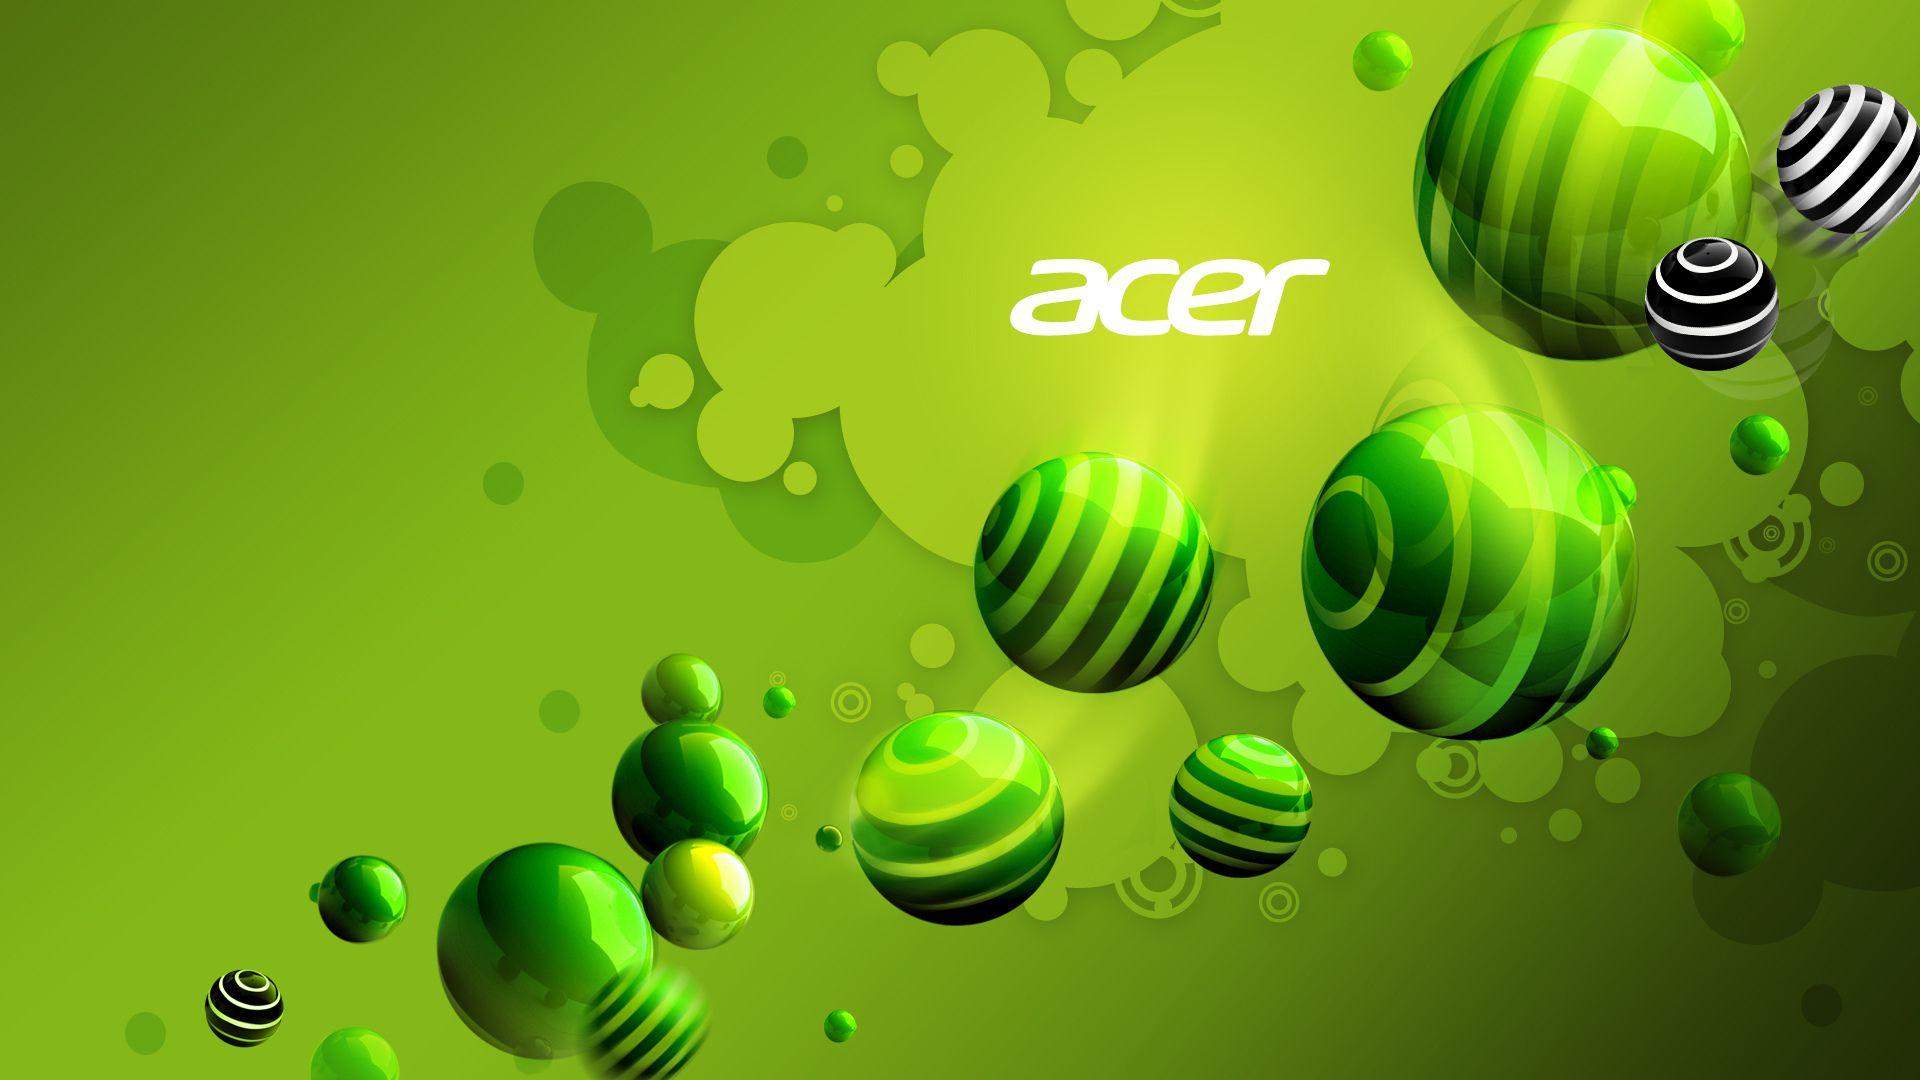 Wallpaper Acer 3